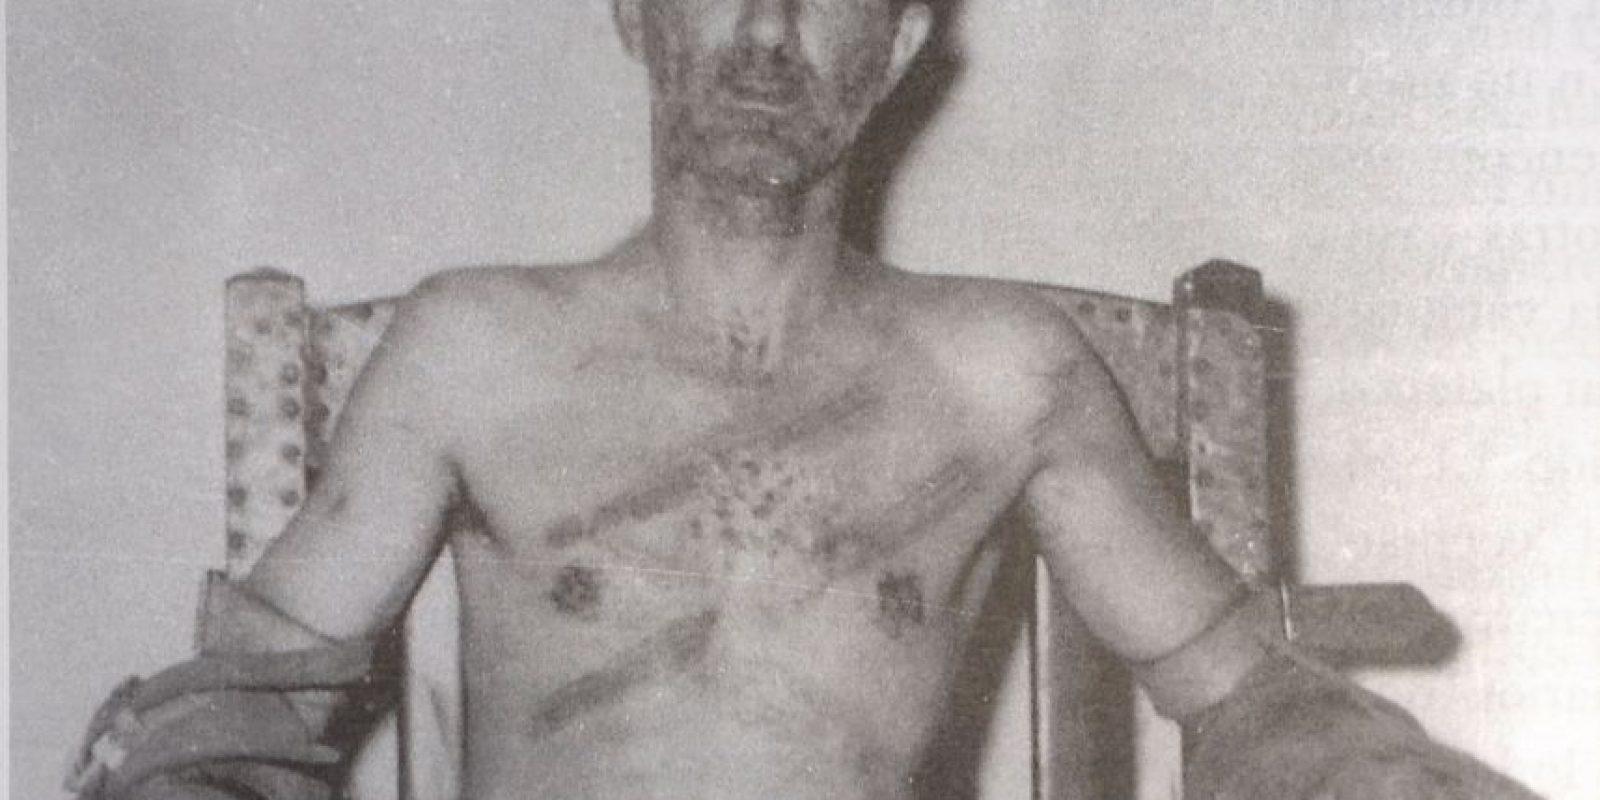 Ramfis Trujillo ordenó que los torturaran en la base aérea de San Isidro. Foto:Cortesía